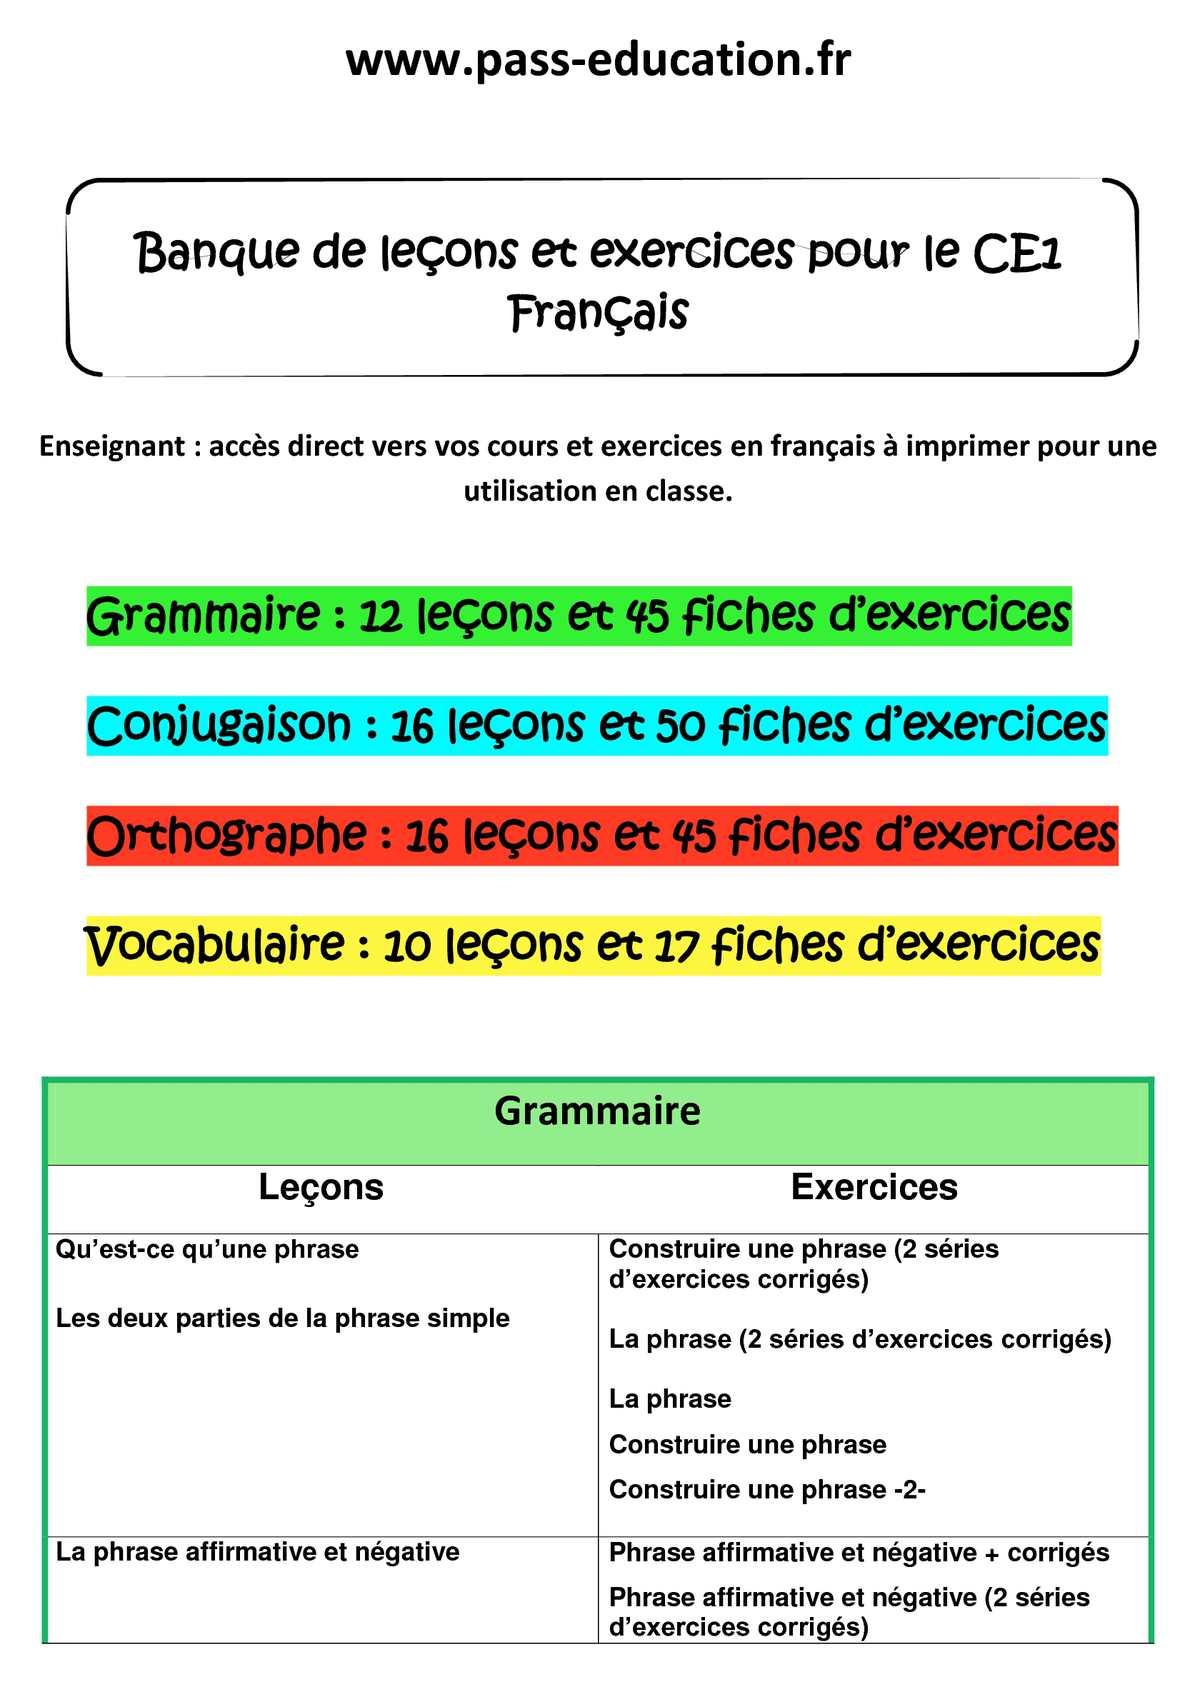 Calaméo - CE1 français - Banque de leçons et exercices